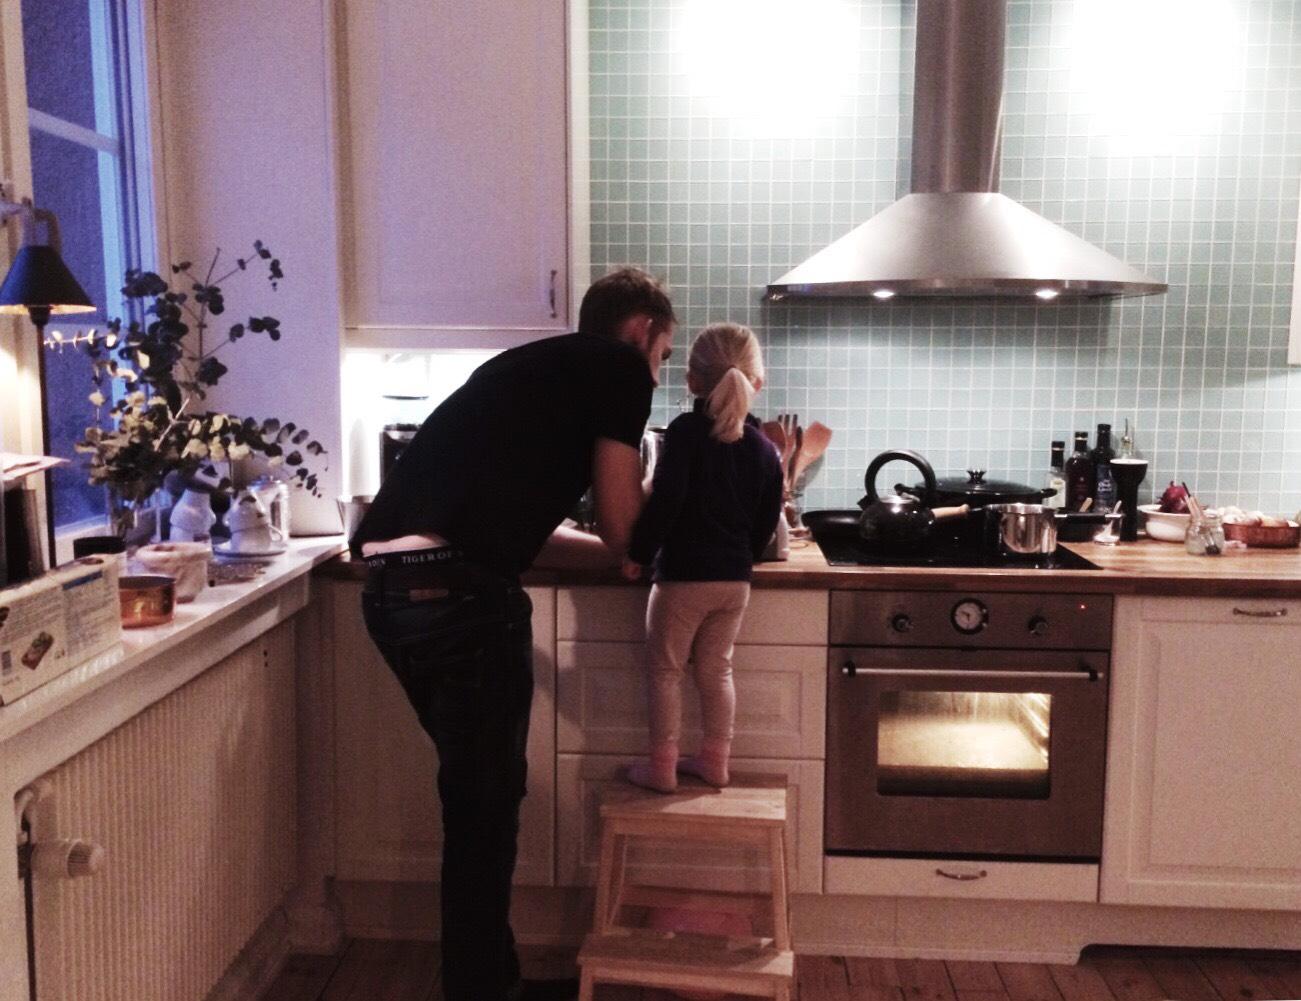 laga mat med barnen